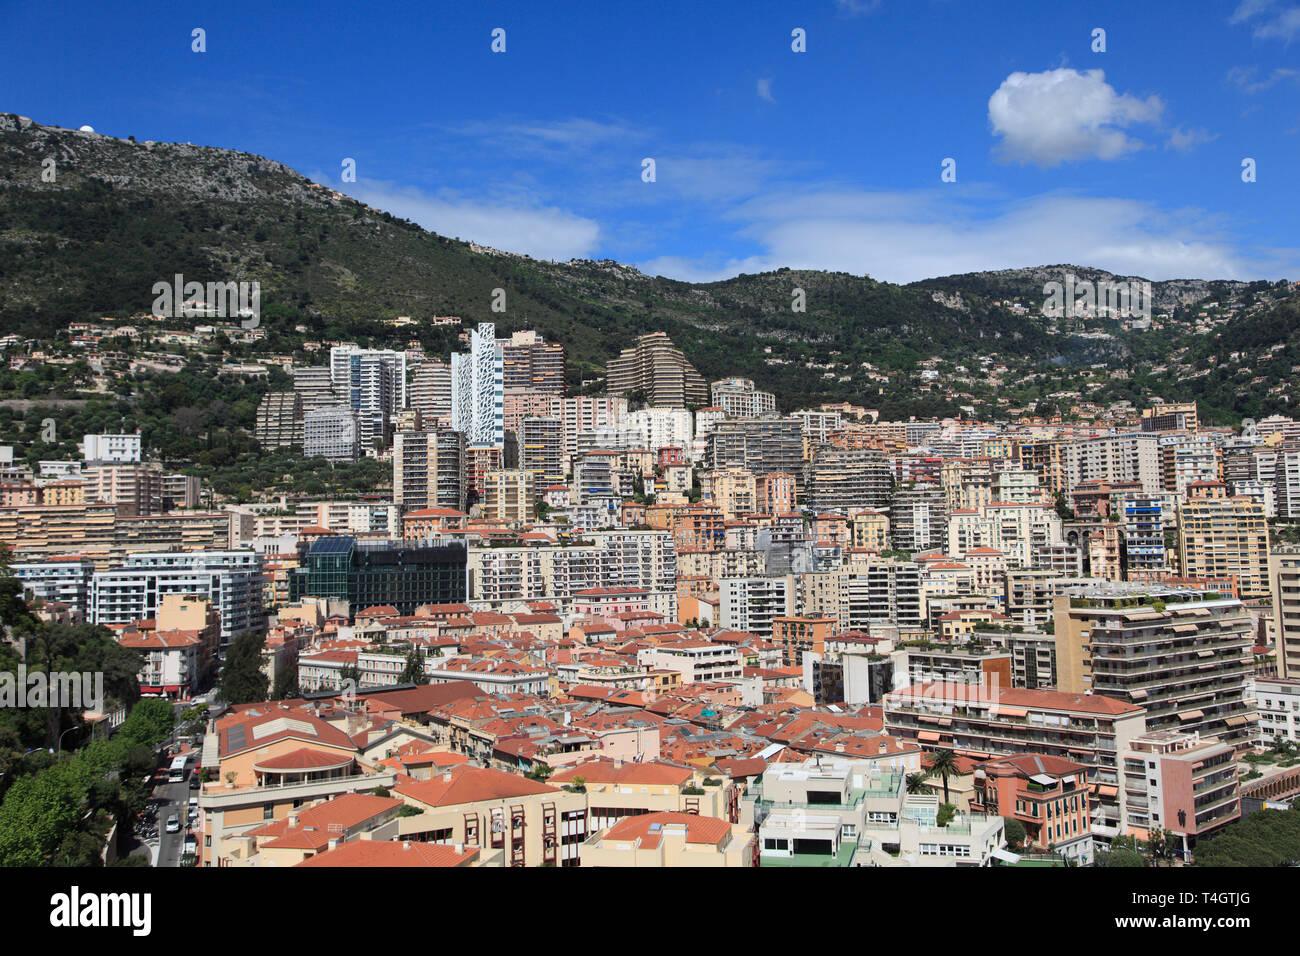 La Condamine, Monaco, Cote d Azur, Mediterranean, Europe - Stock Image